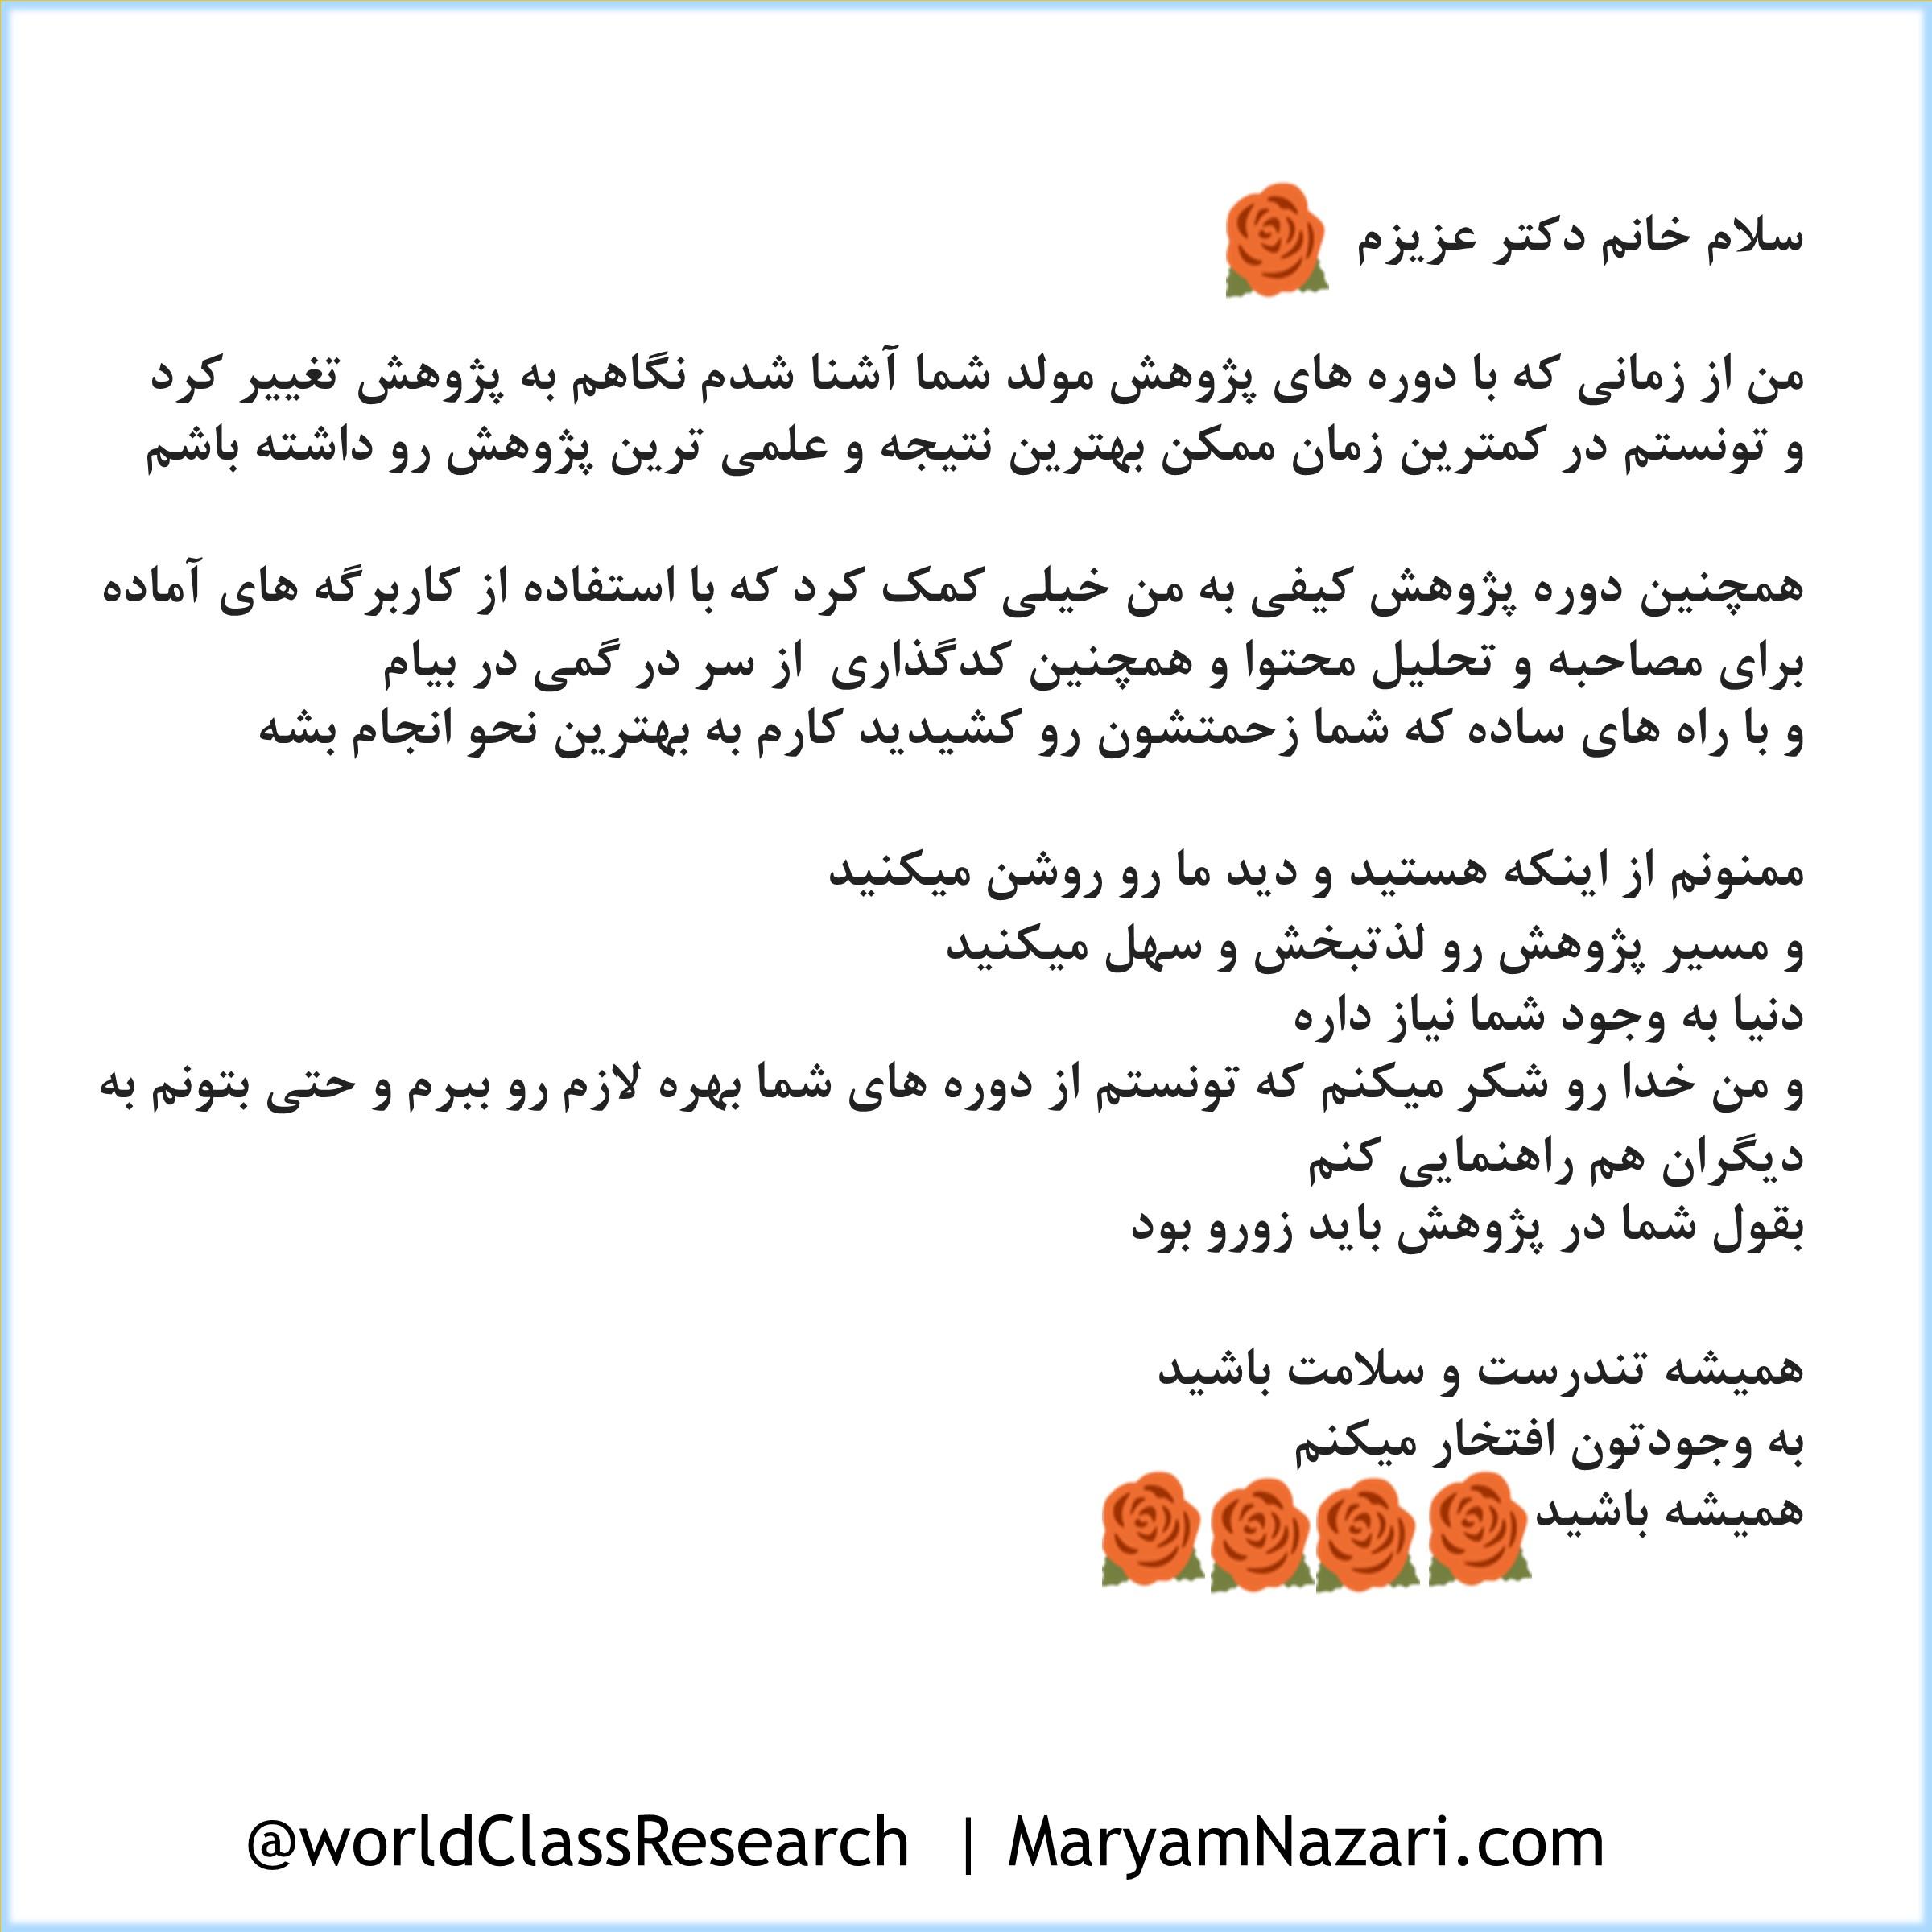 بازخورد خانم بهارزاده درباره کارگاه پژوهش کیفی دکتر مریم نظری